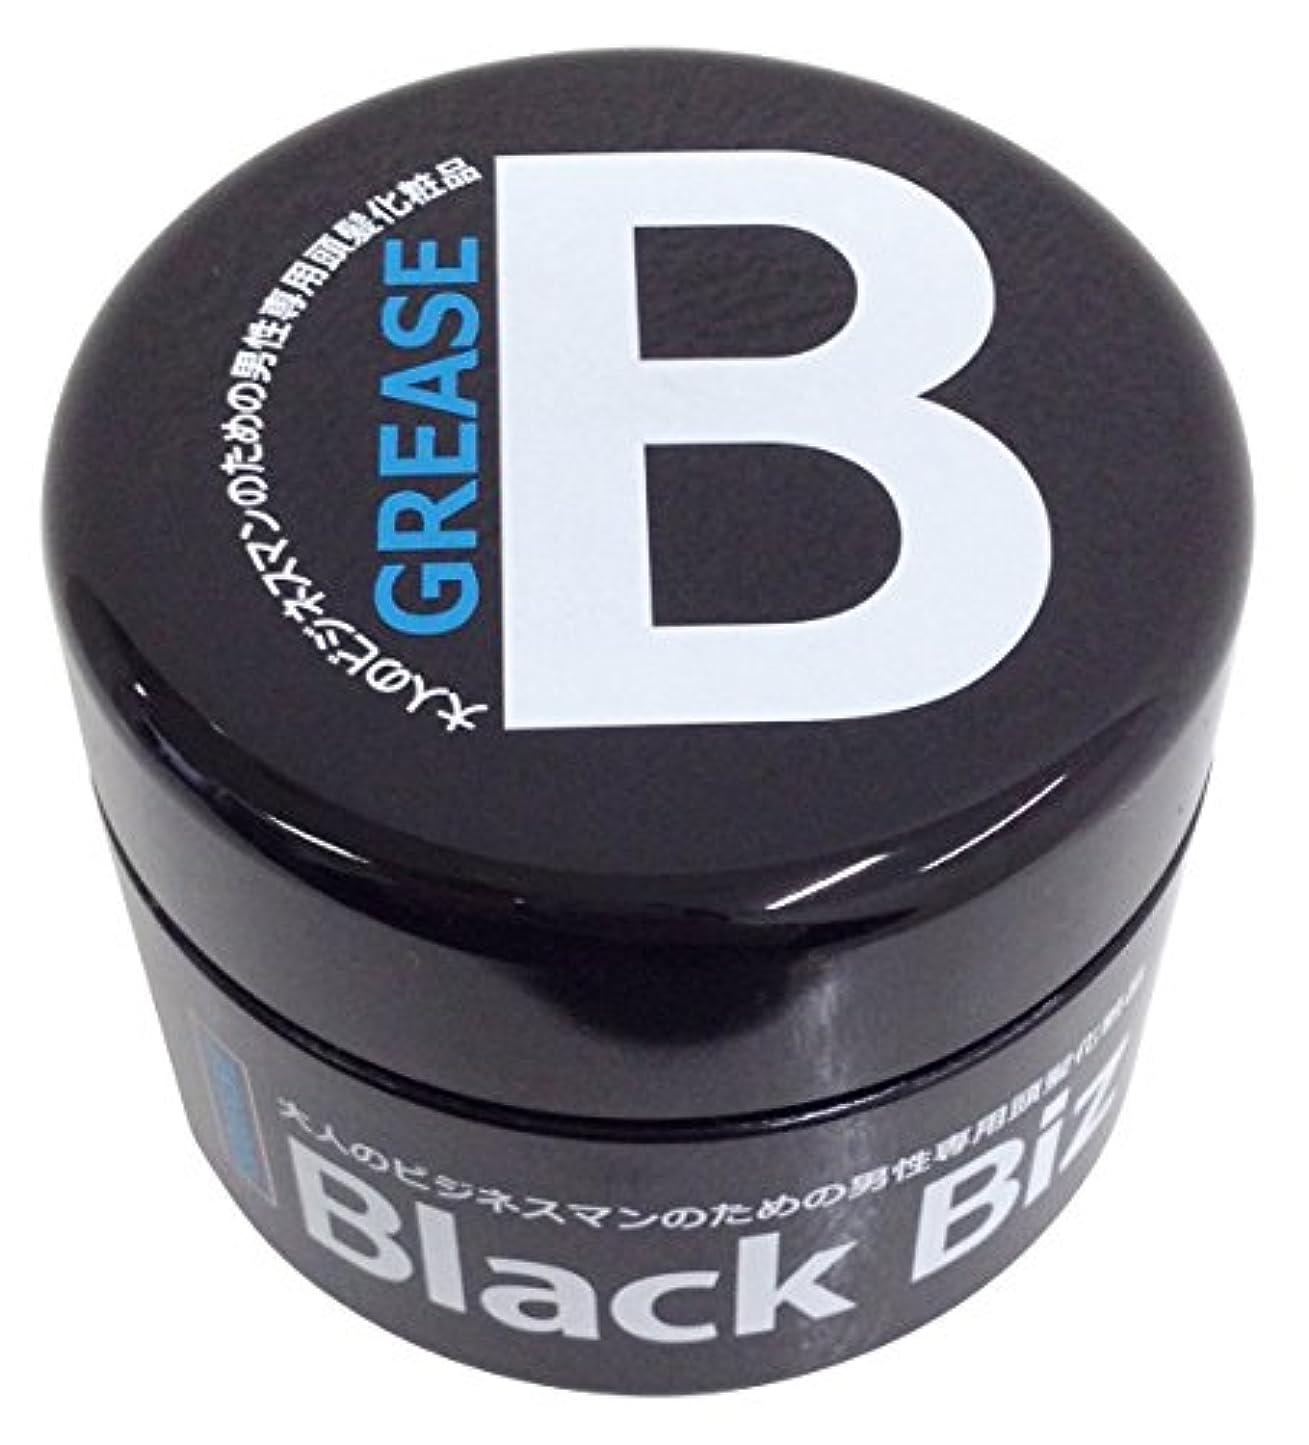 パノラマバルーン解決大人のビジネスマンのための男性専用頭髪化粧品 BlackBiz GREASE SOFT ブラックビズ グリース ソフト